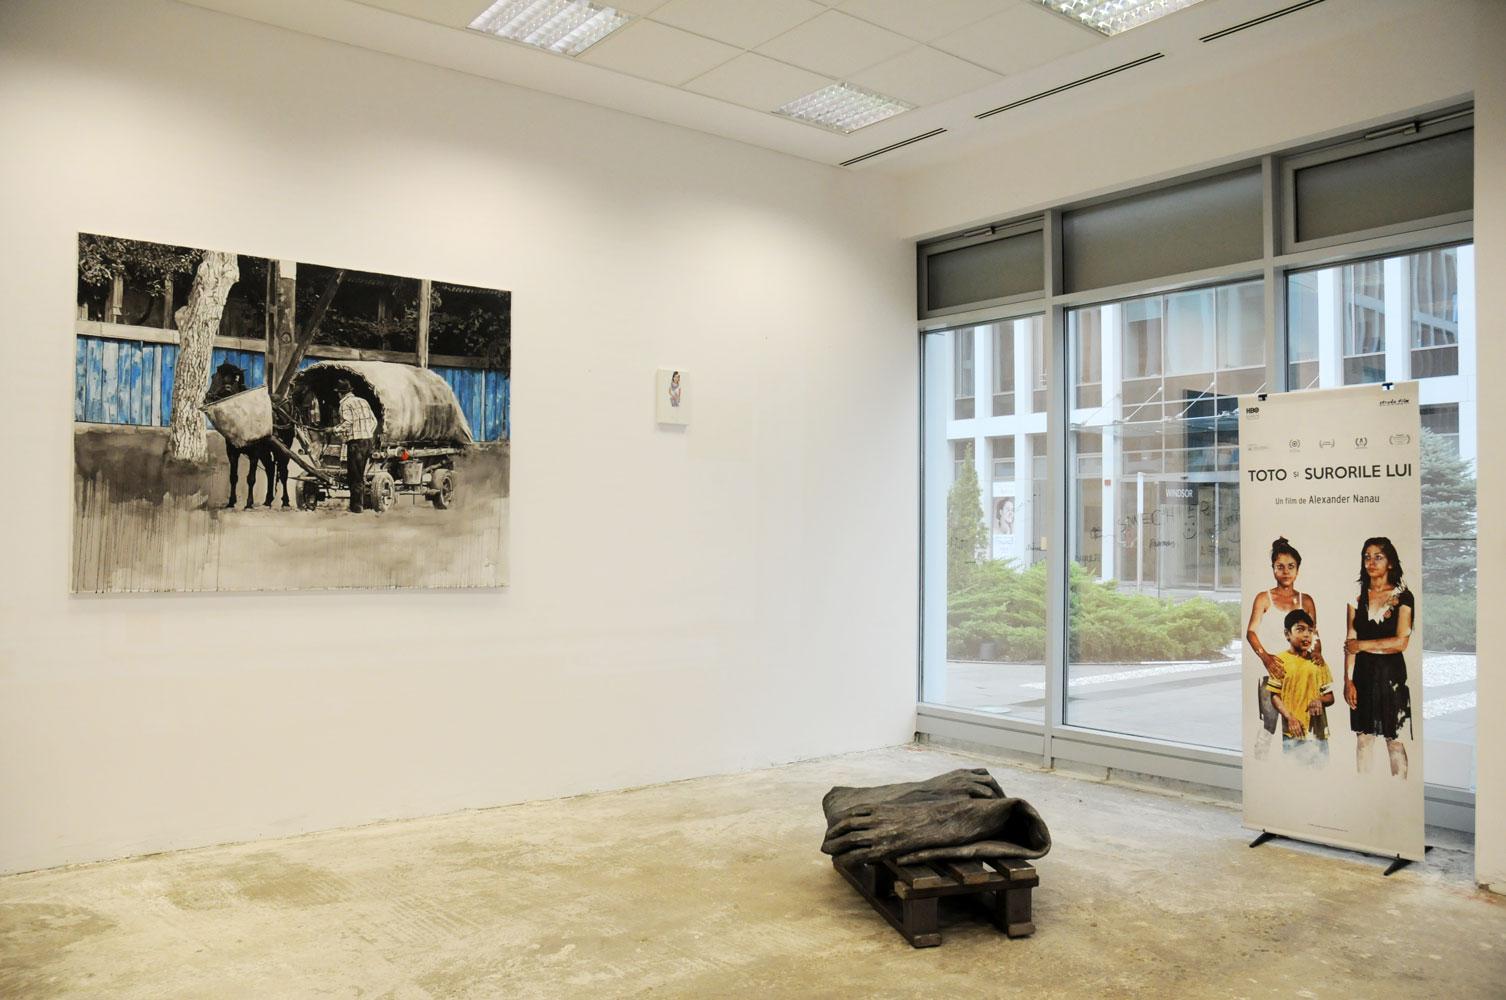 Daniel Brici, solo show Copiii care nu se vad @ Nasui collection & gallery Bucuresti (1)